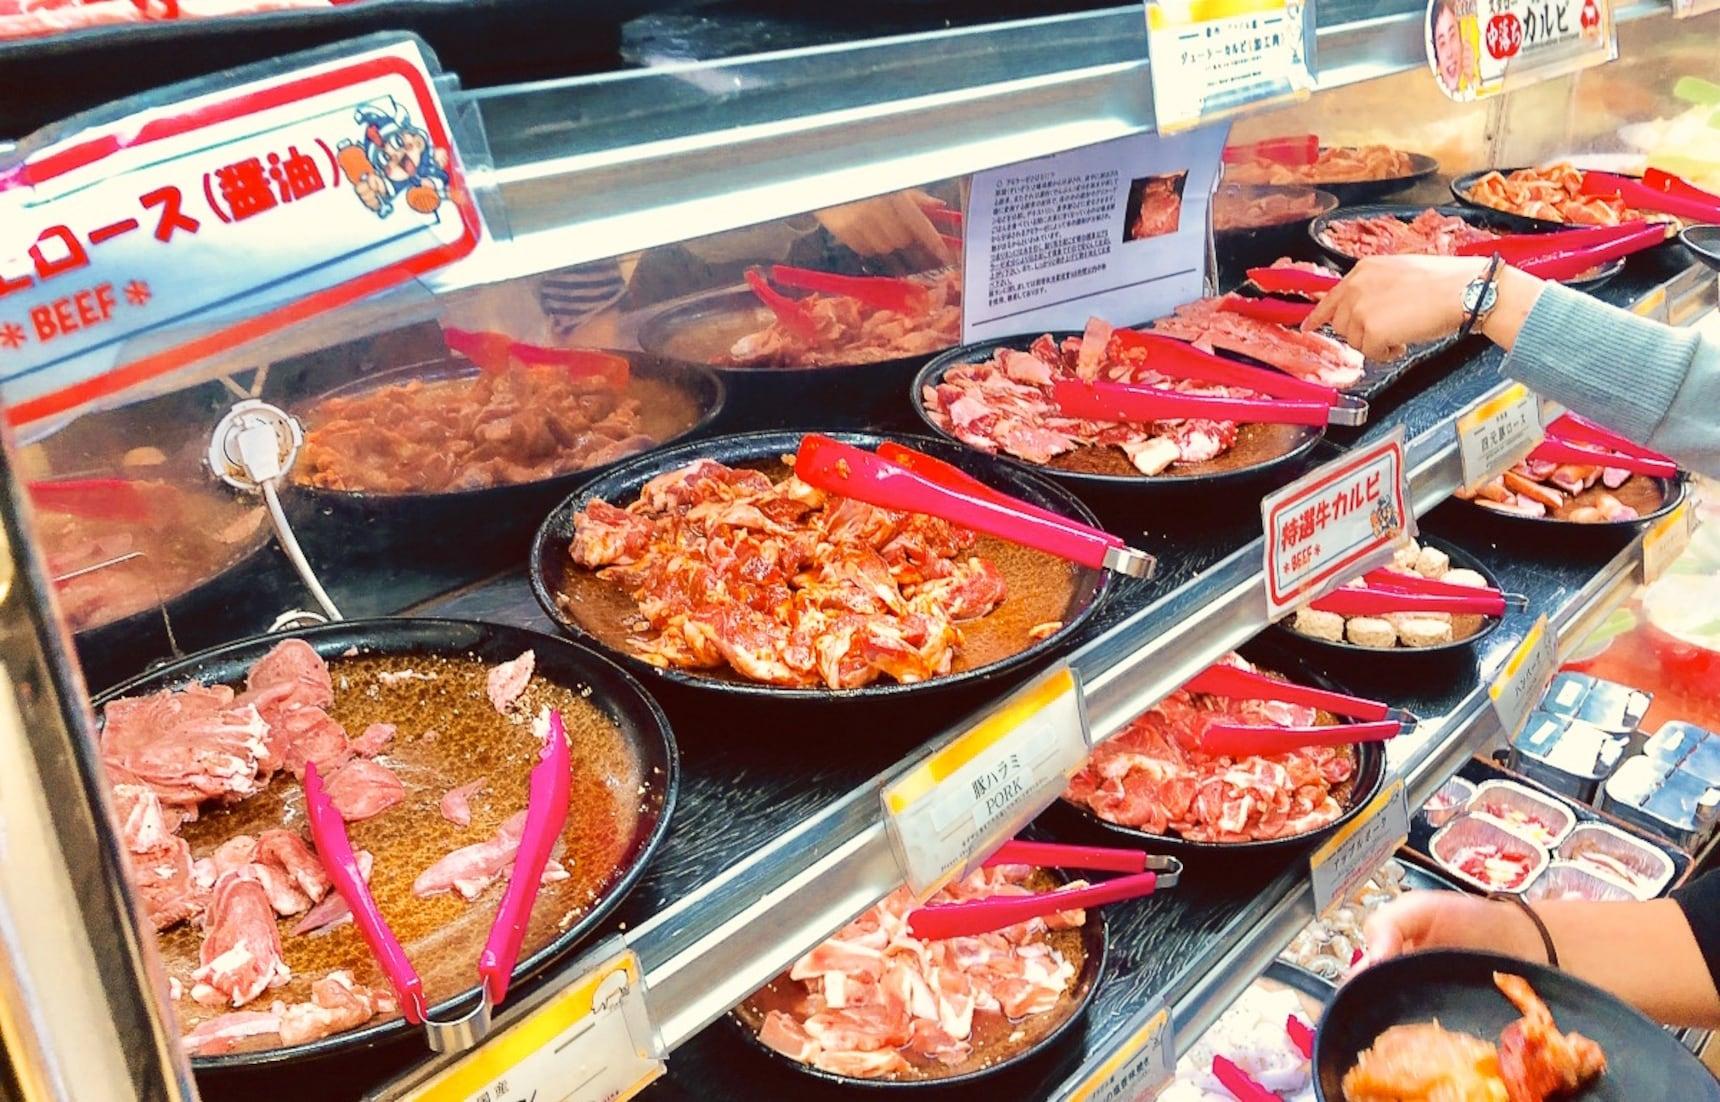 ลุยบุฟเฟ่ต์เนื้อย่างญี่ปุ่น เริ่มแค่ 400 บาท!